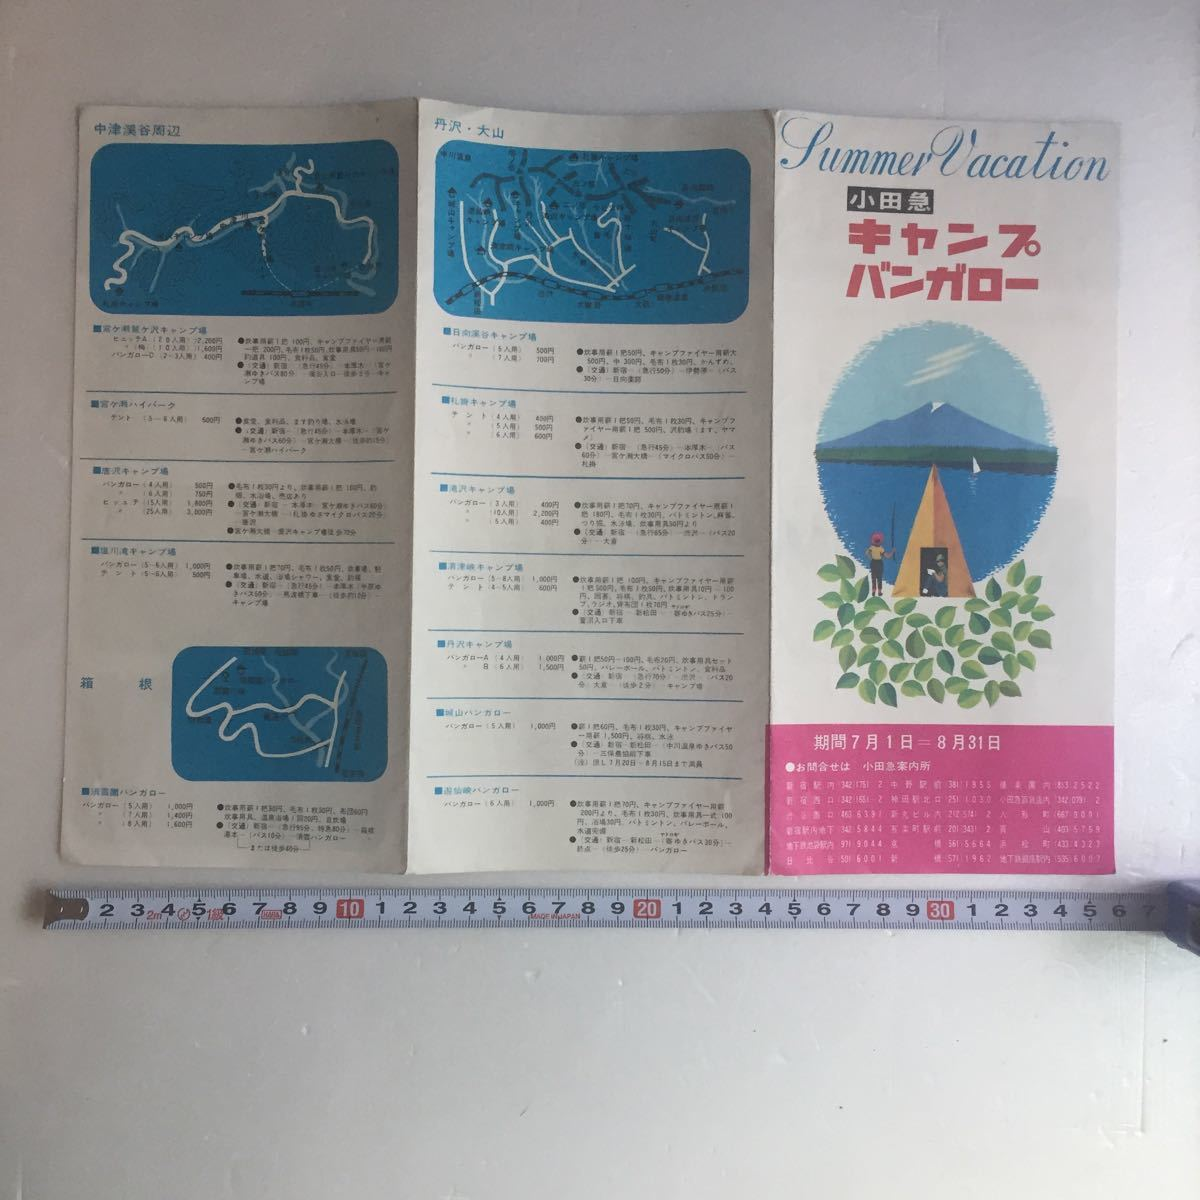 昭和レトロ 小田急キャンプ バンガロー 案内パンフレット 地図 料金表 当時物資料 アンティーク印刷物_画像4